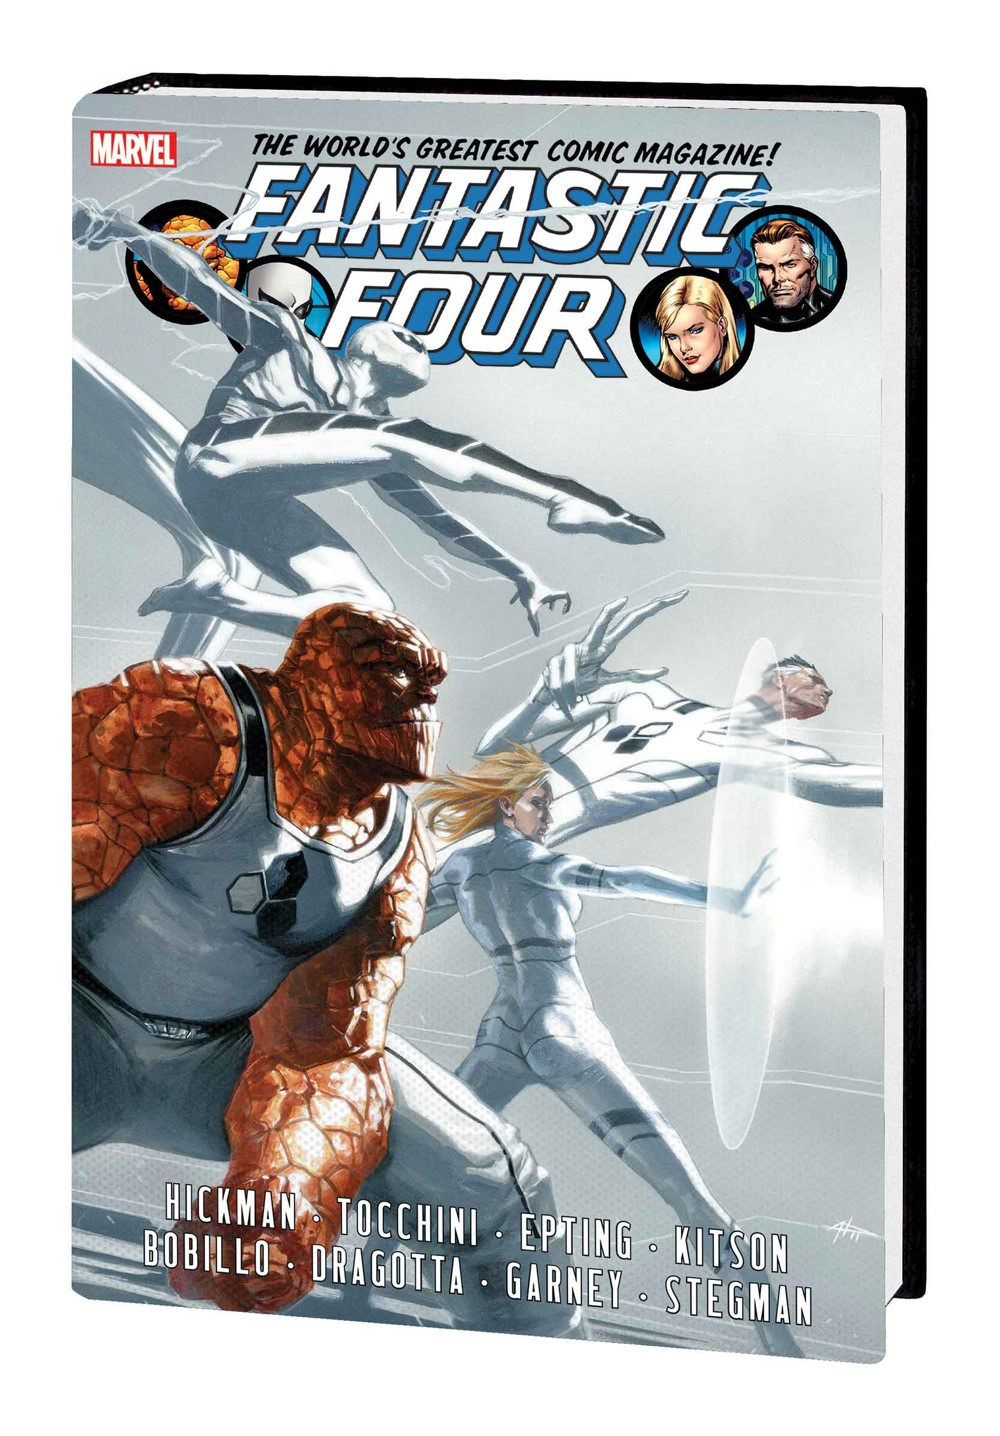 FFJHOMNI_V2_HC Marvel Comics October 2021 Solicitations